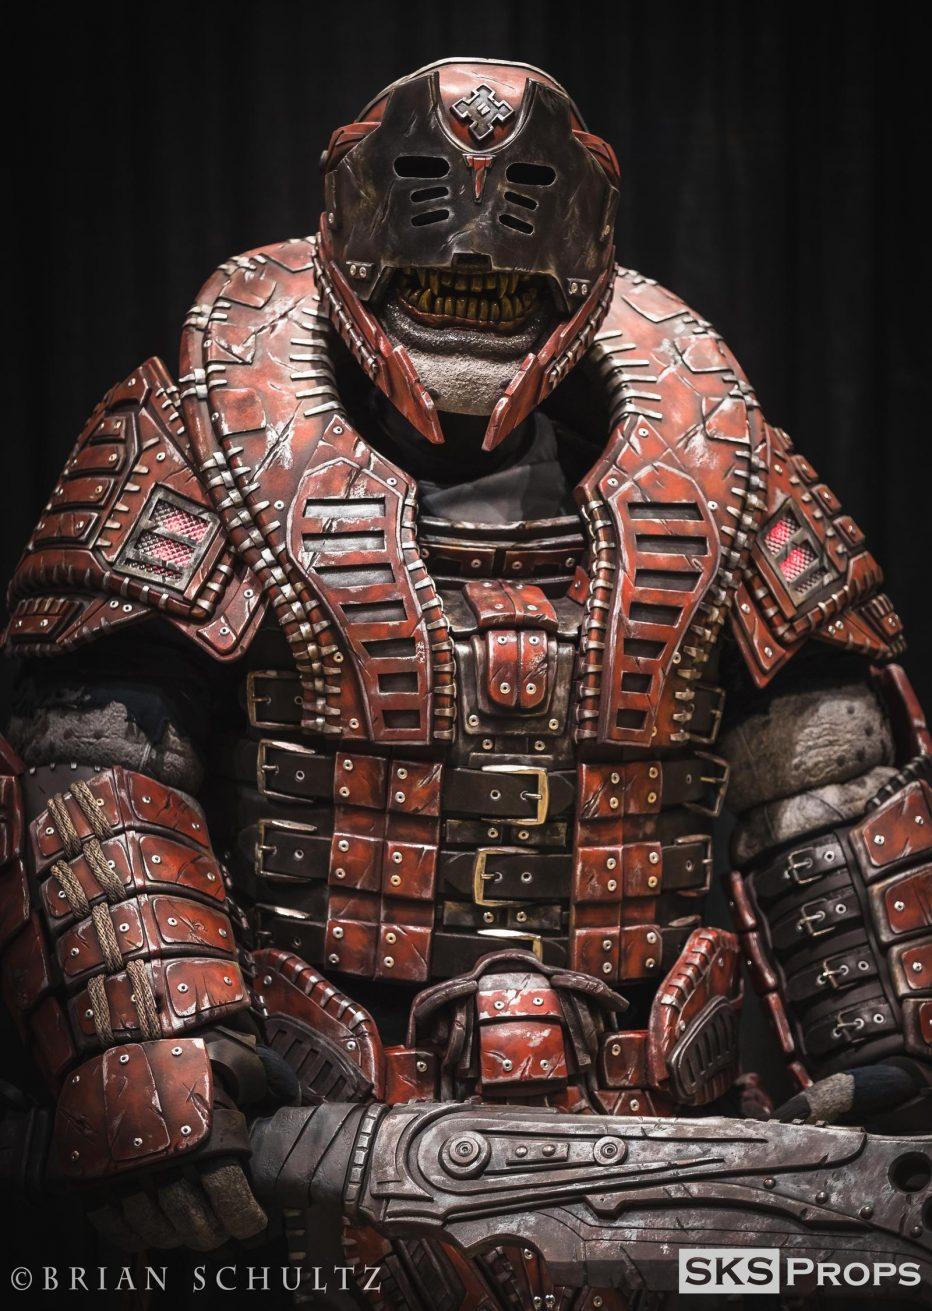 Gears-of-War-Theron-Cosplay-Gamers-Heroes-1.jpg